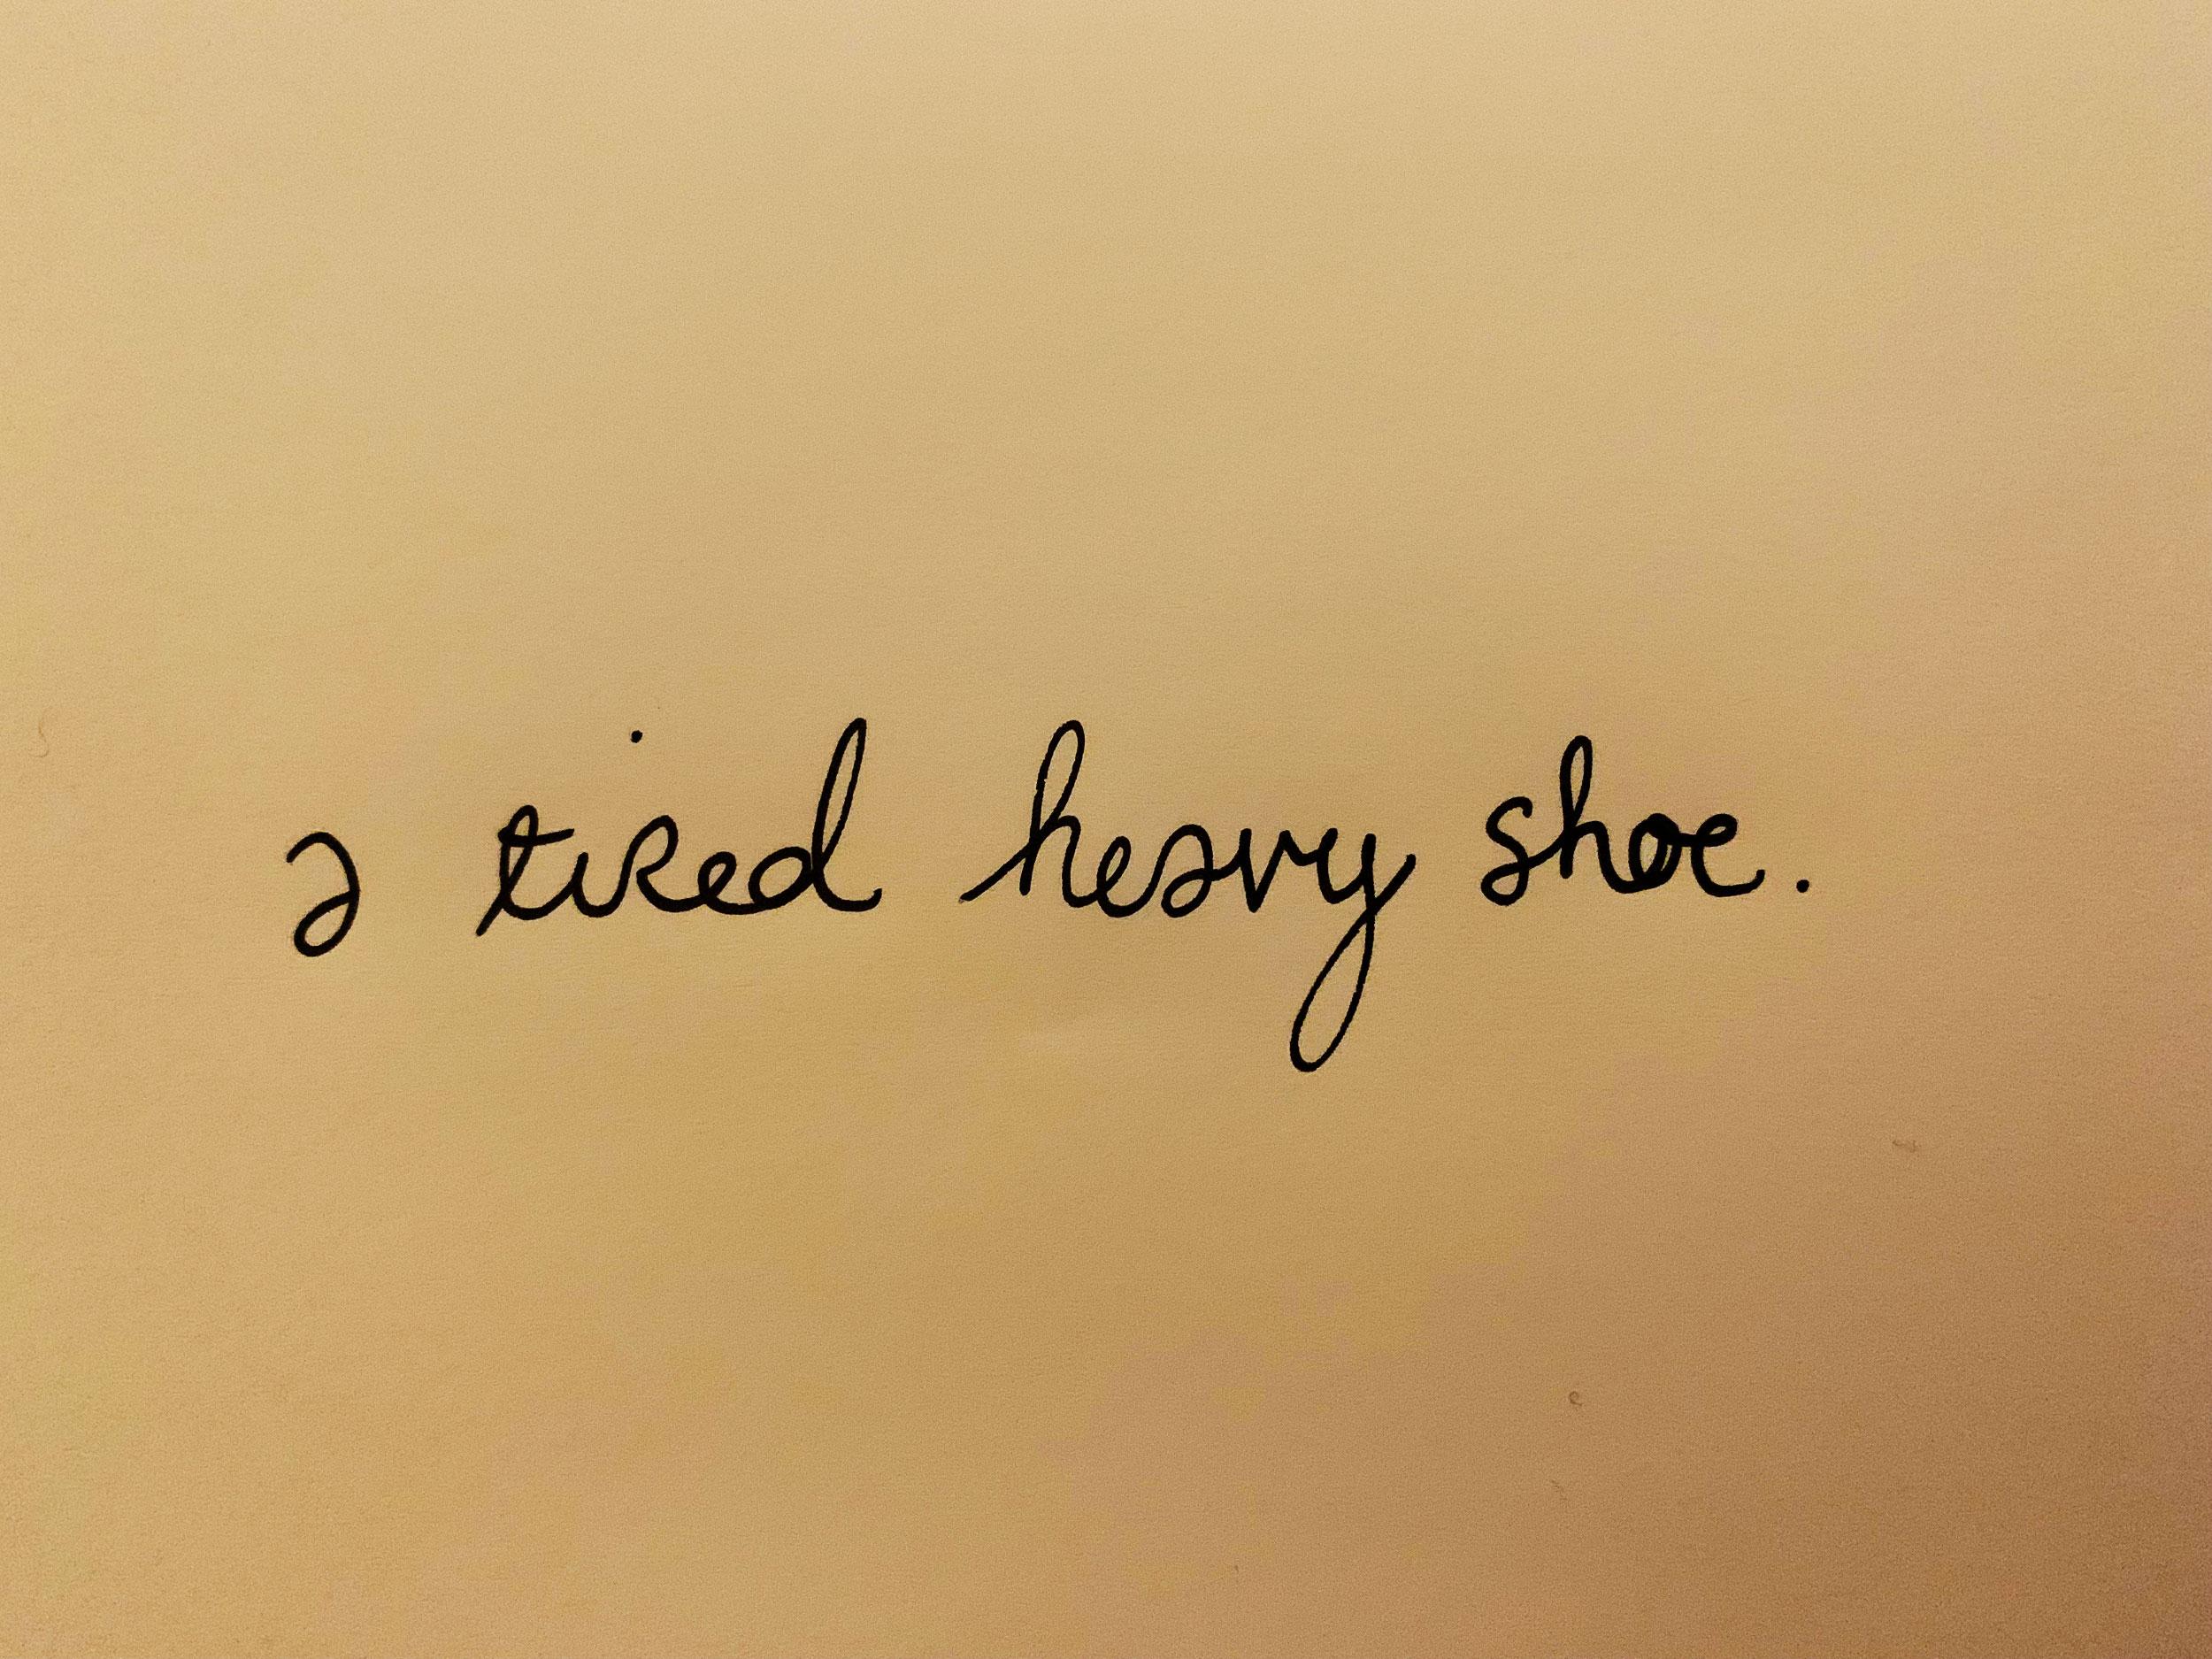 A tired heavy shoe. Drawing Luke Hockley.